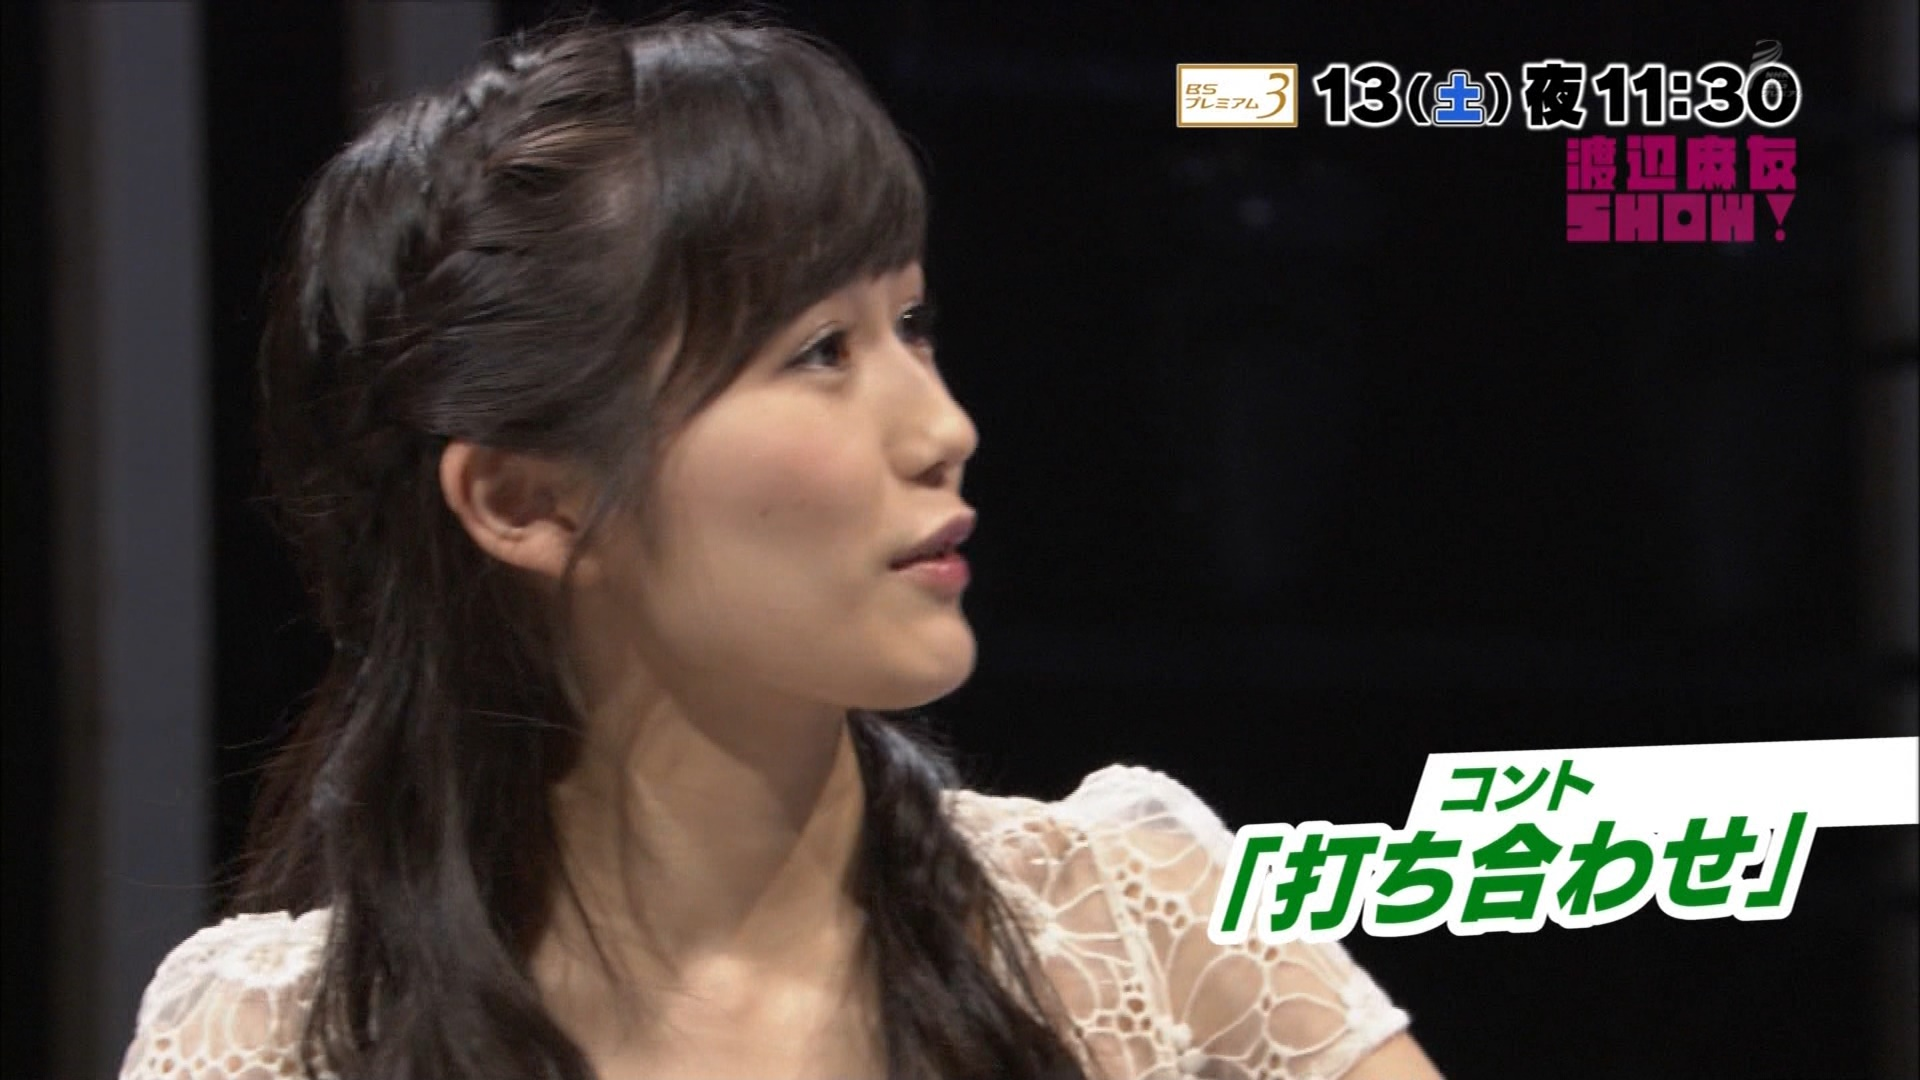 渡辺麻友SHOW!予告 AKB48SHOW! 20140906 (12)